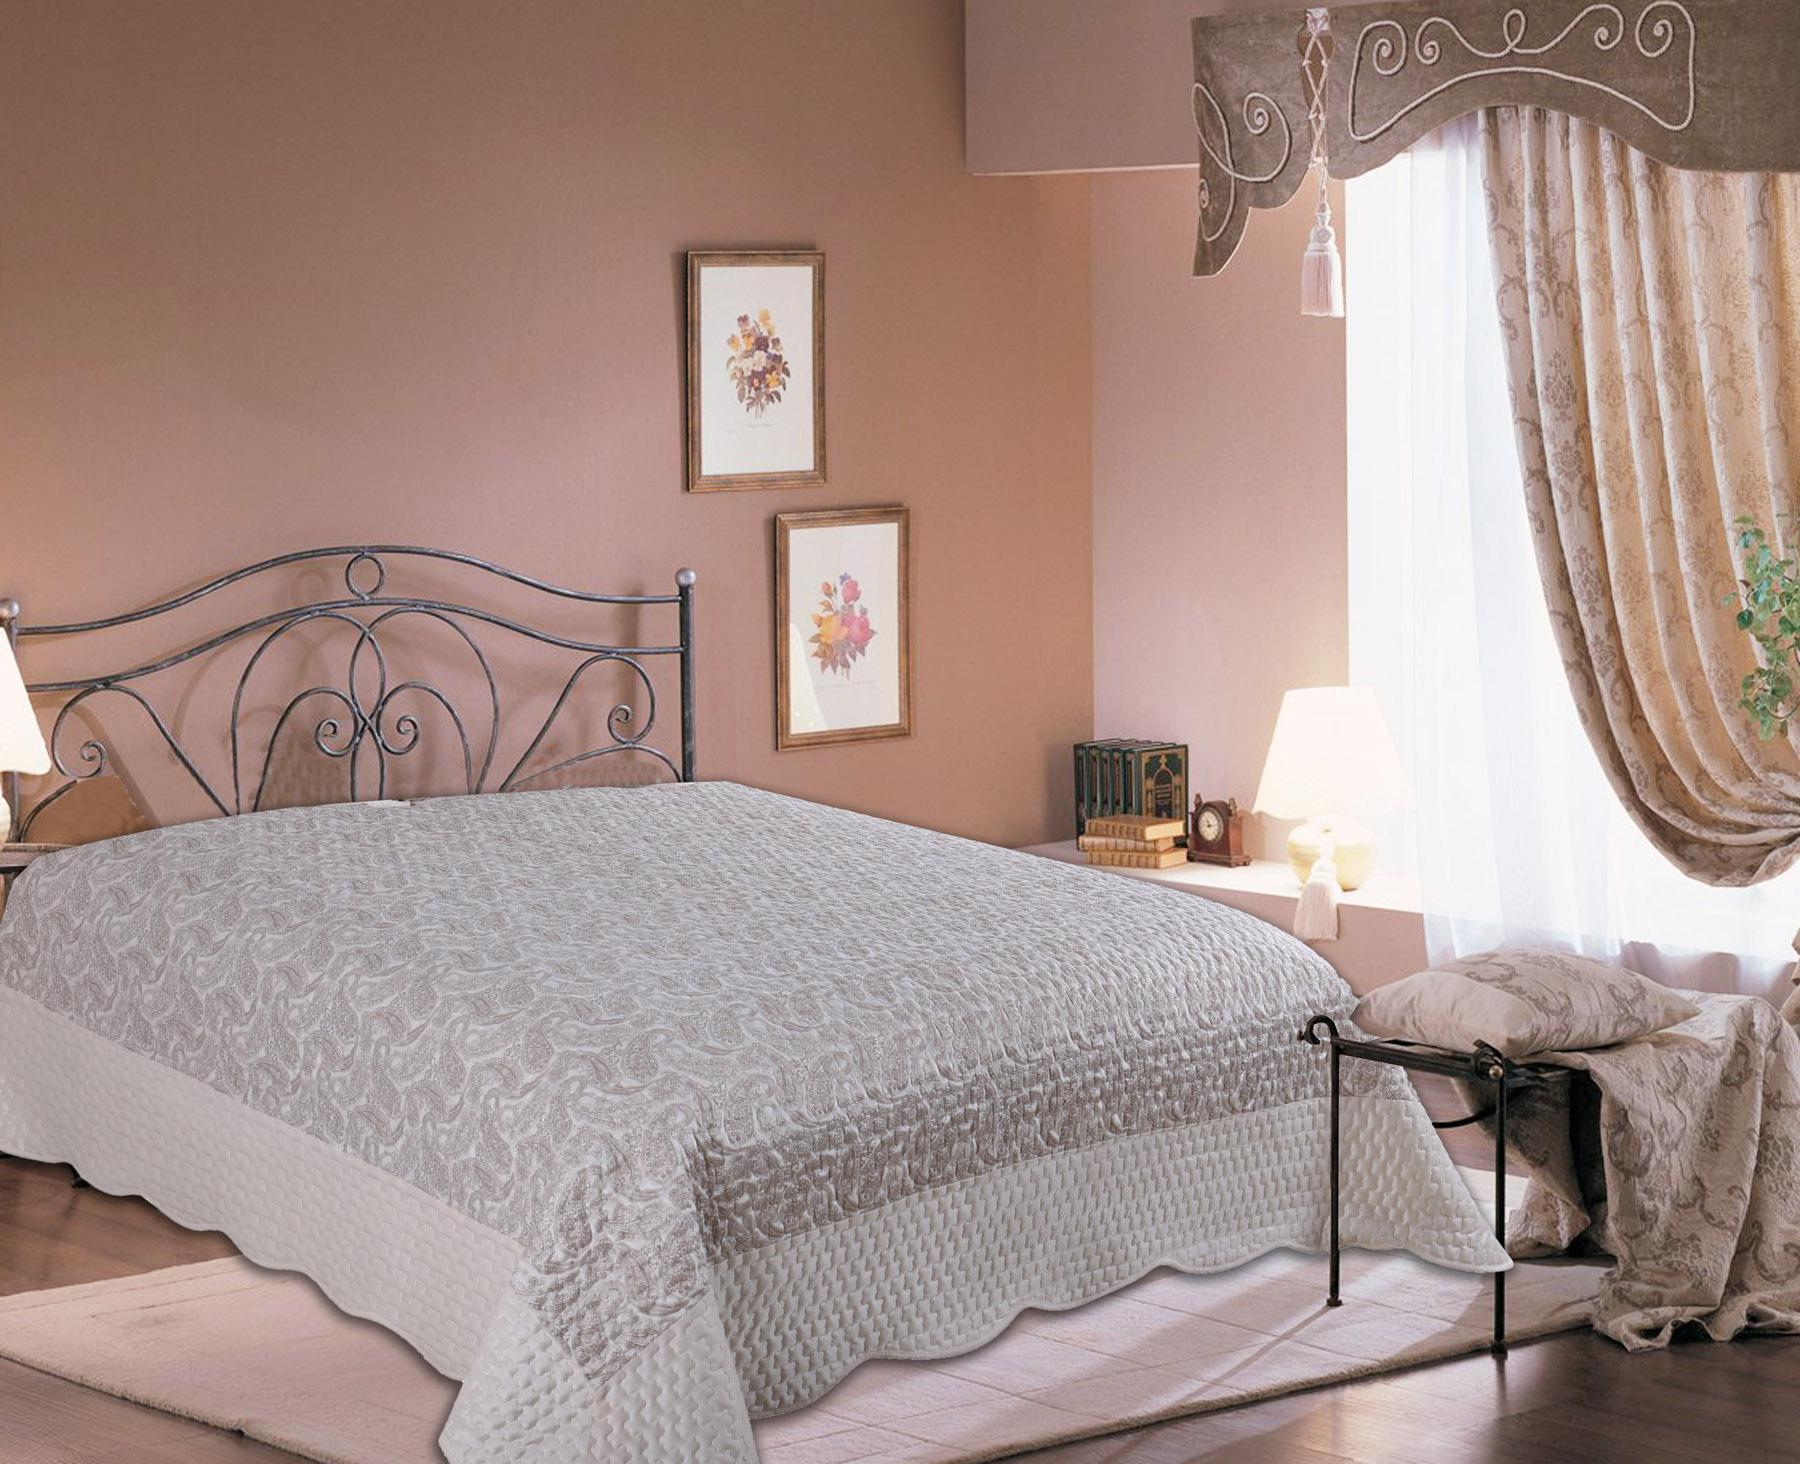 Купить Пледы и покрывала Amore Mio, Покрывало Calcutta (220х240 см), Китай, Сиреневый, Синтетический сатин, Синтетический велюр